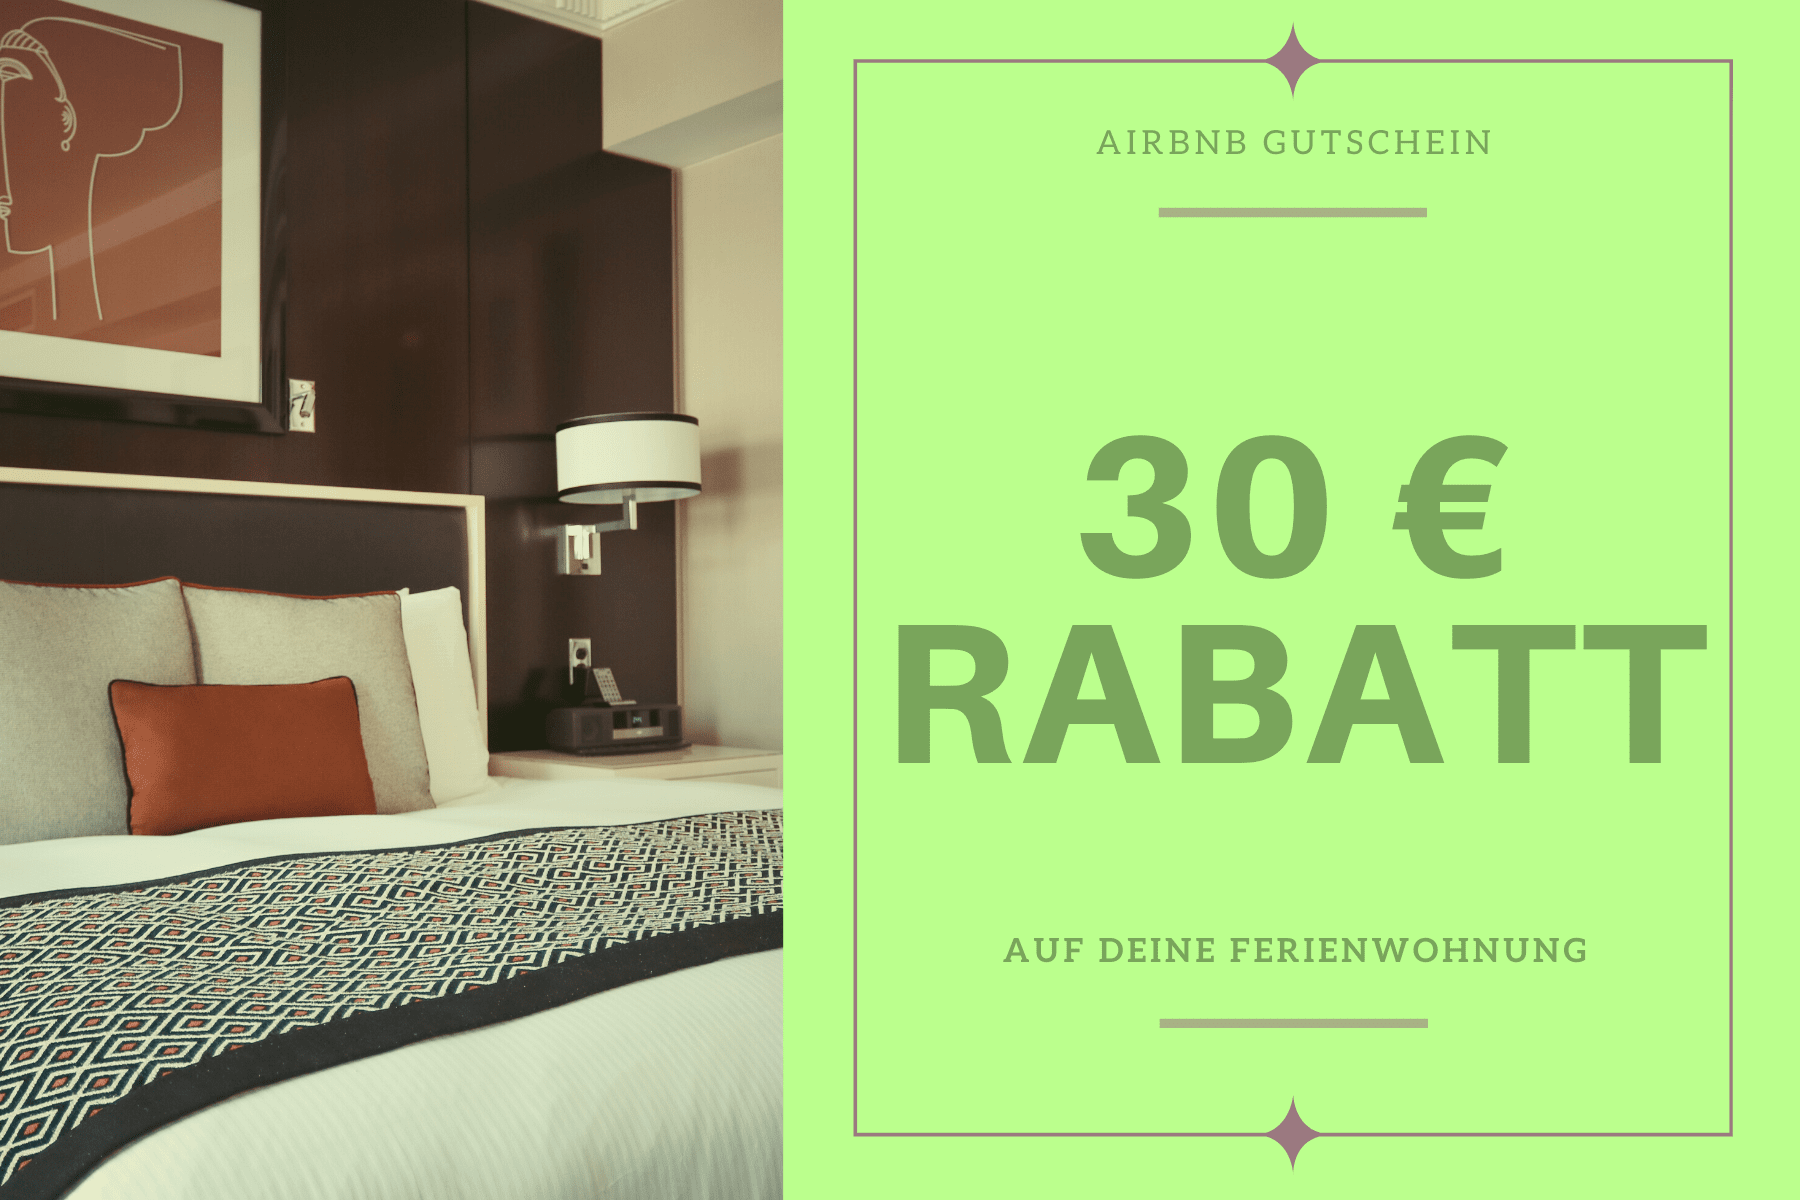 Airbnb Gutschein Rabatt